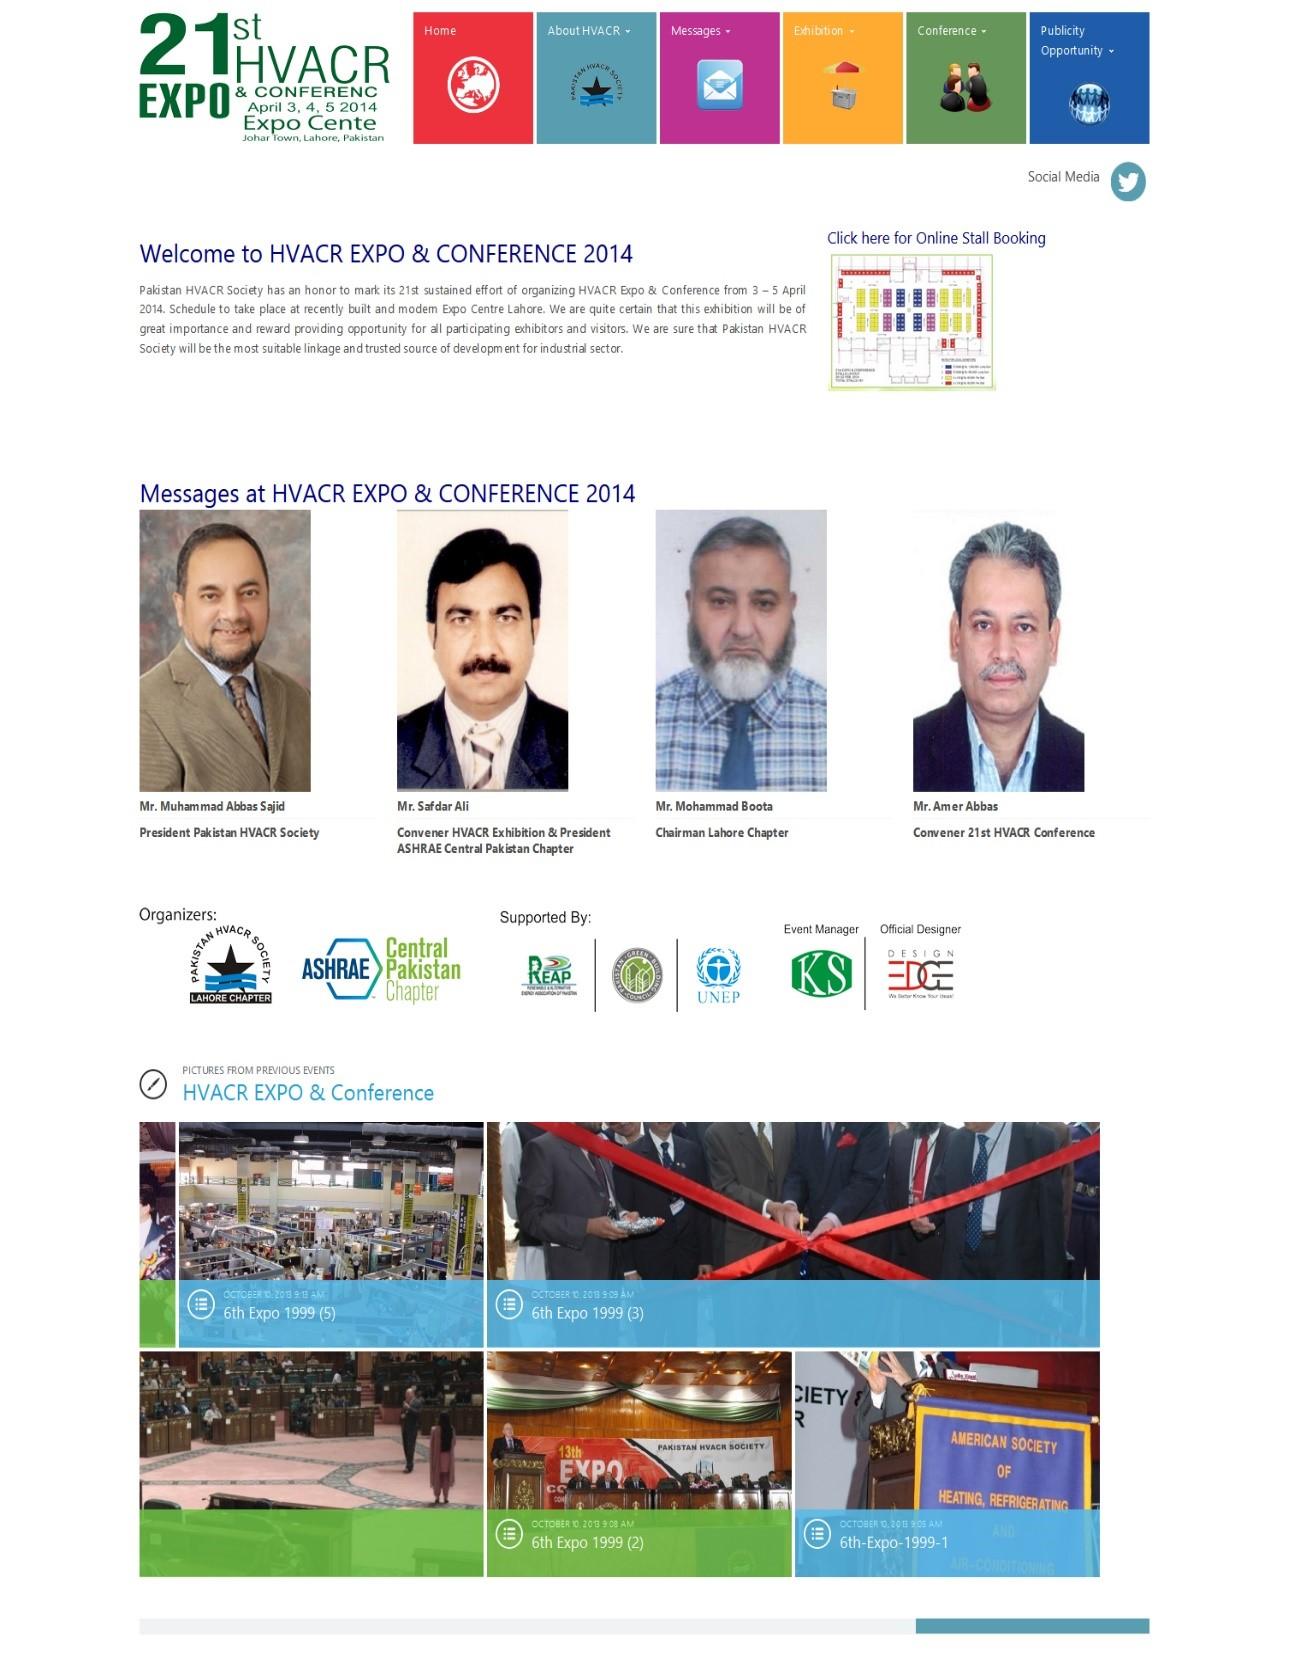 hvacrexpo.org .pk